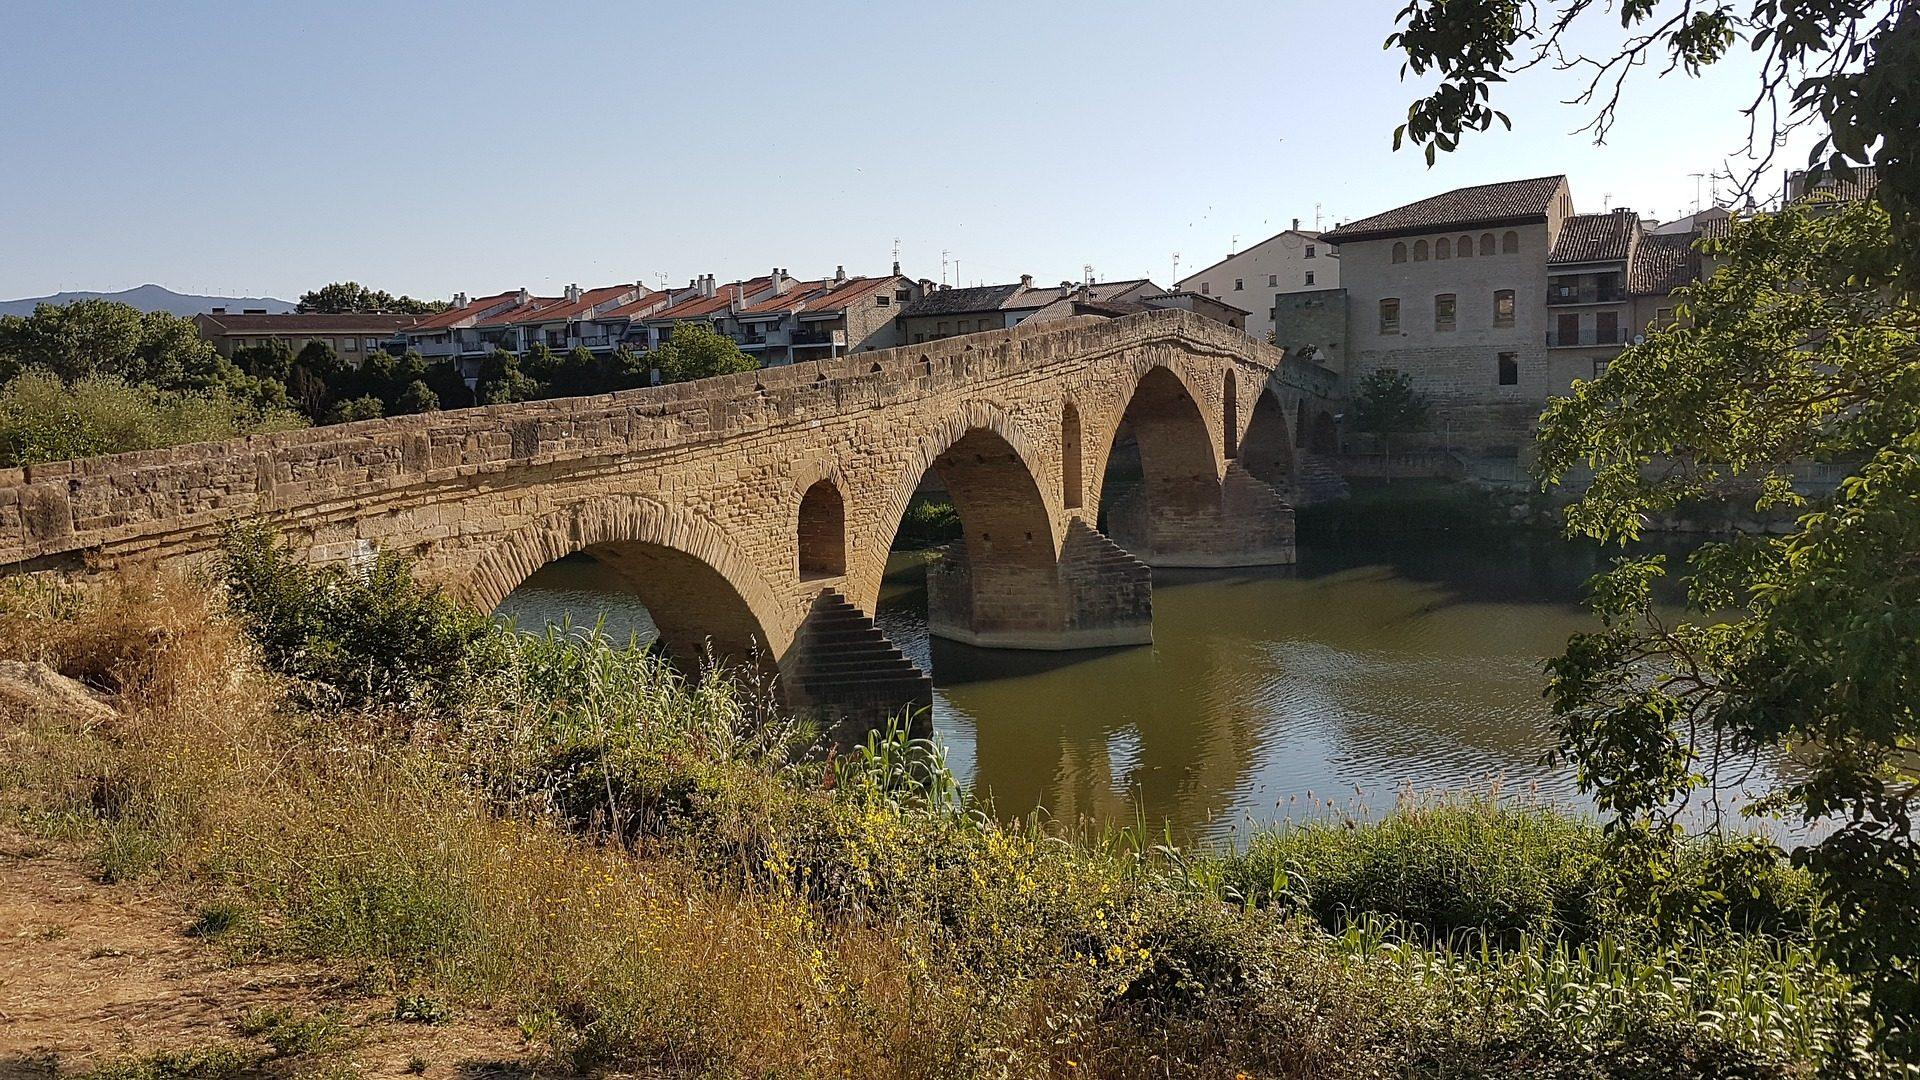 村, 川, ブリッジ, 水, フィールド - HD の壁紙 - 教授-falken.com